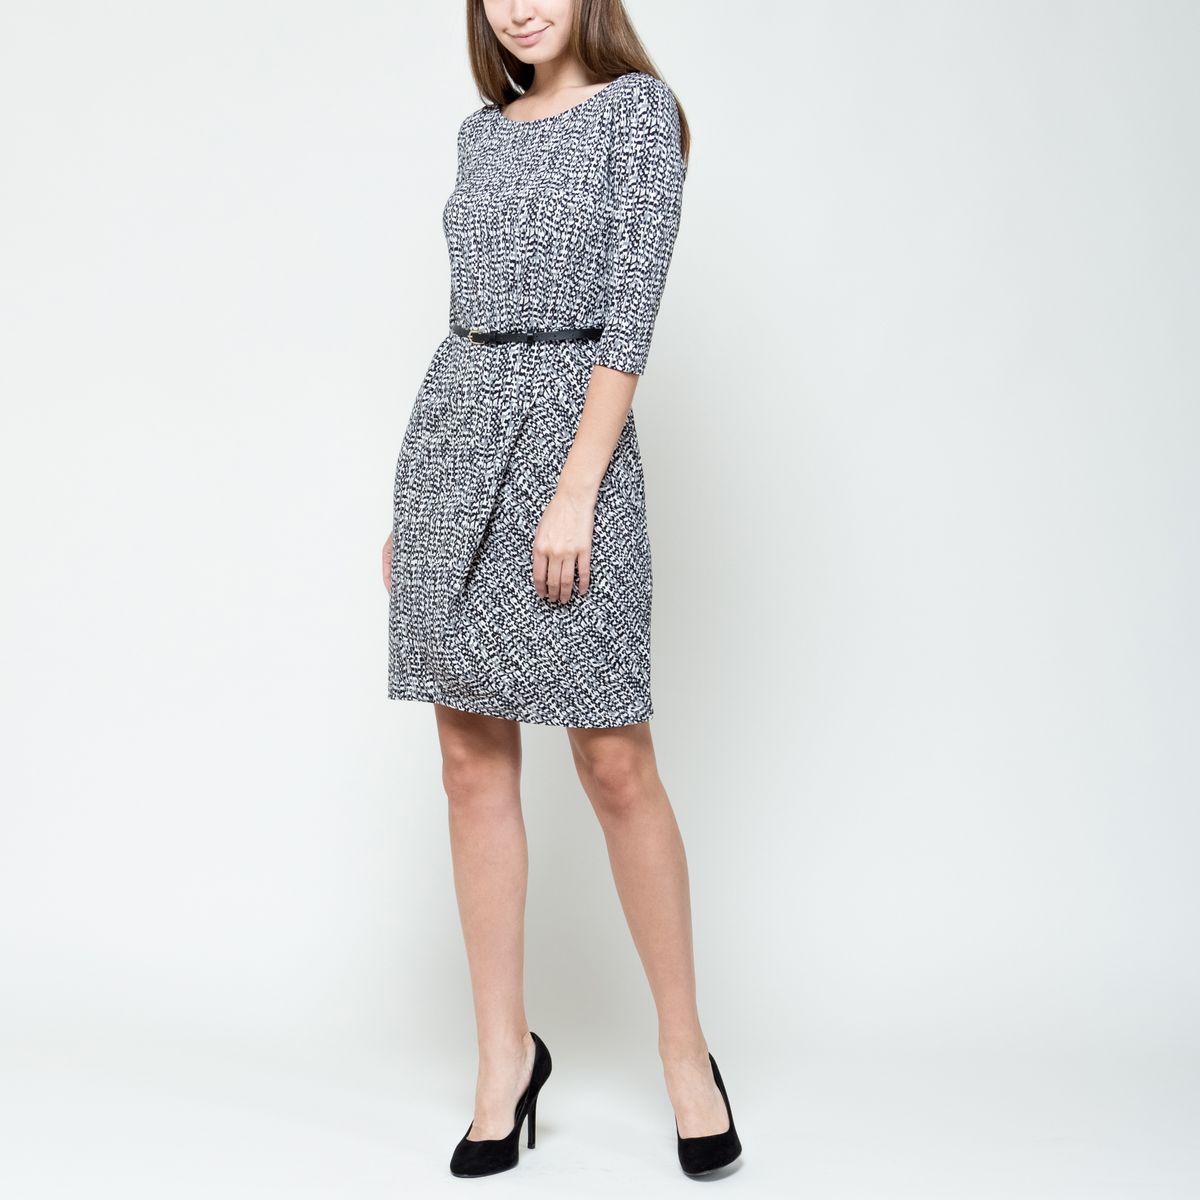 Платье Sela, цвет: черный, серый, белый. DK-117/1017-6391. Размер L (48)DK-117/1017-6391Модное платье Sela выполнено из эластичного полиэстера.Платье-миди с круглым вырезом горловины и рукавами 3/4 оформлено оригинальным принтом. На талии изделие дополнено стильным ремнем с металлической пряжкой.